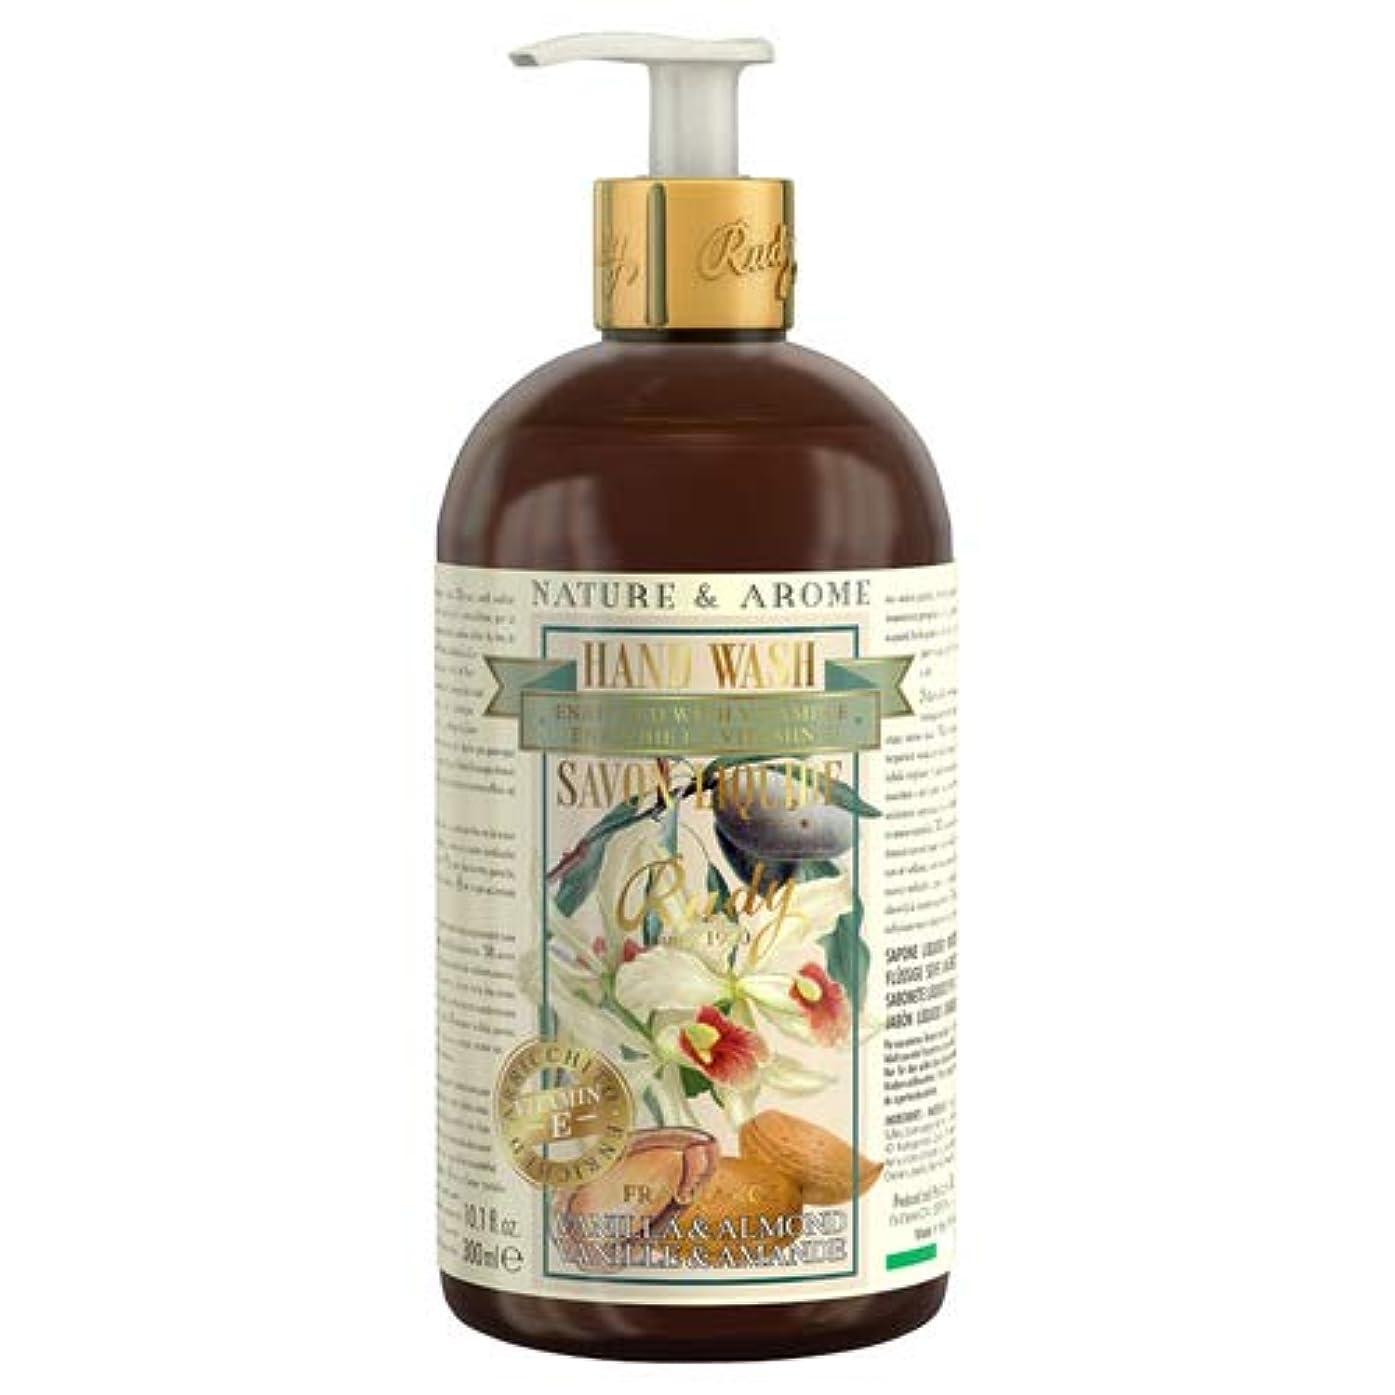 離れてチャンス助言RUDY Nature&Arome Apothecary ネイチャーアロマ アポセカリー Hand Wash ハンドウォッシュ(ボディソープ) Vanilla & Almond バニラ&アーモンド